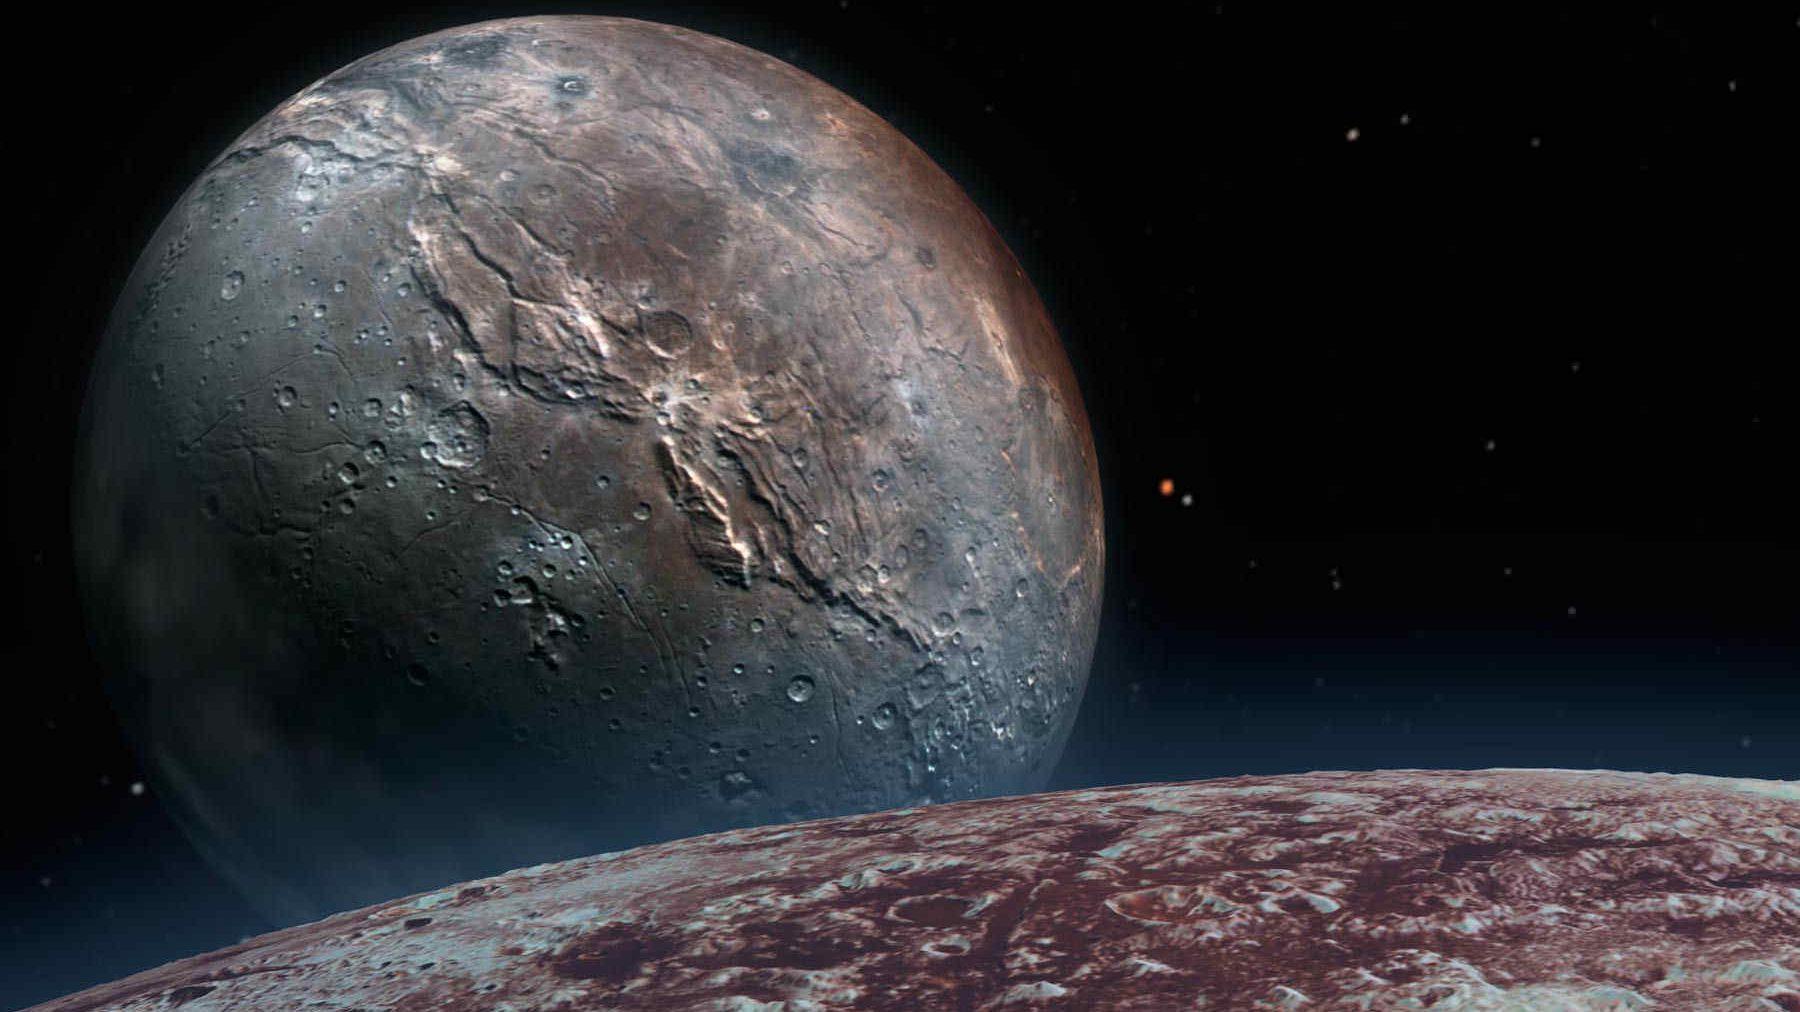 Sistema Solare: scoperti oltre 100 'pianeti nani' nella Fascia di Kuiper